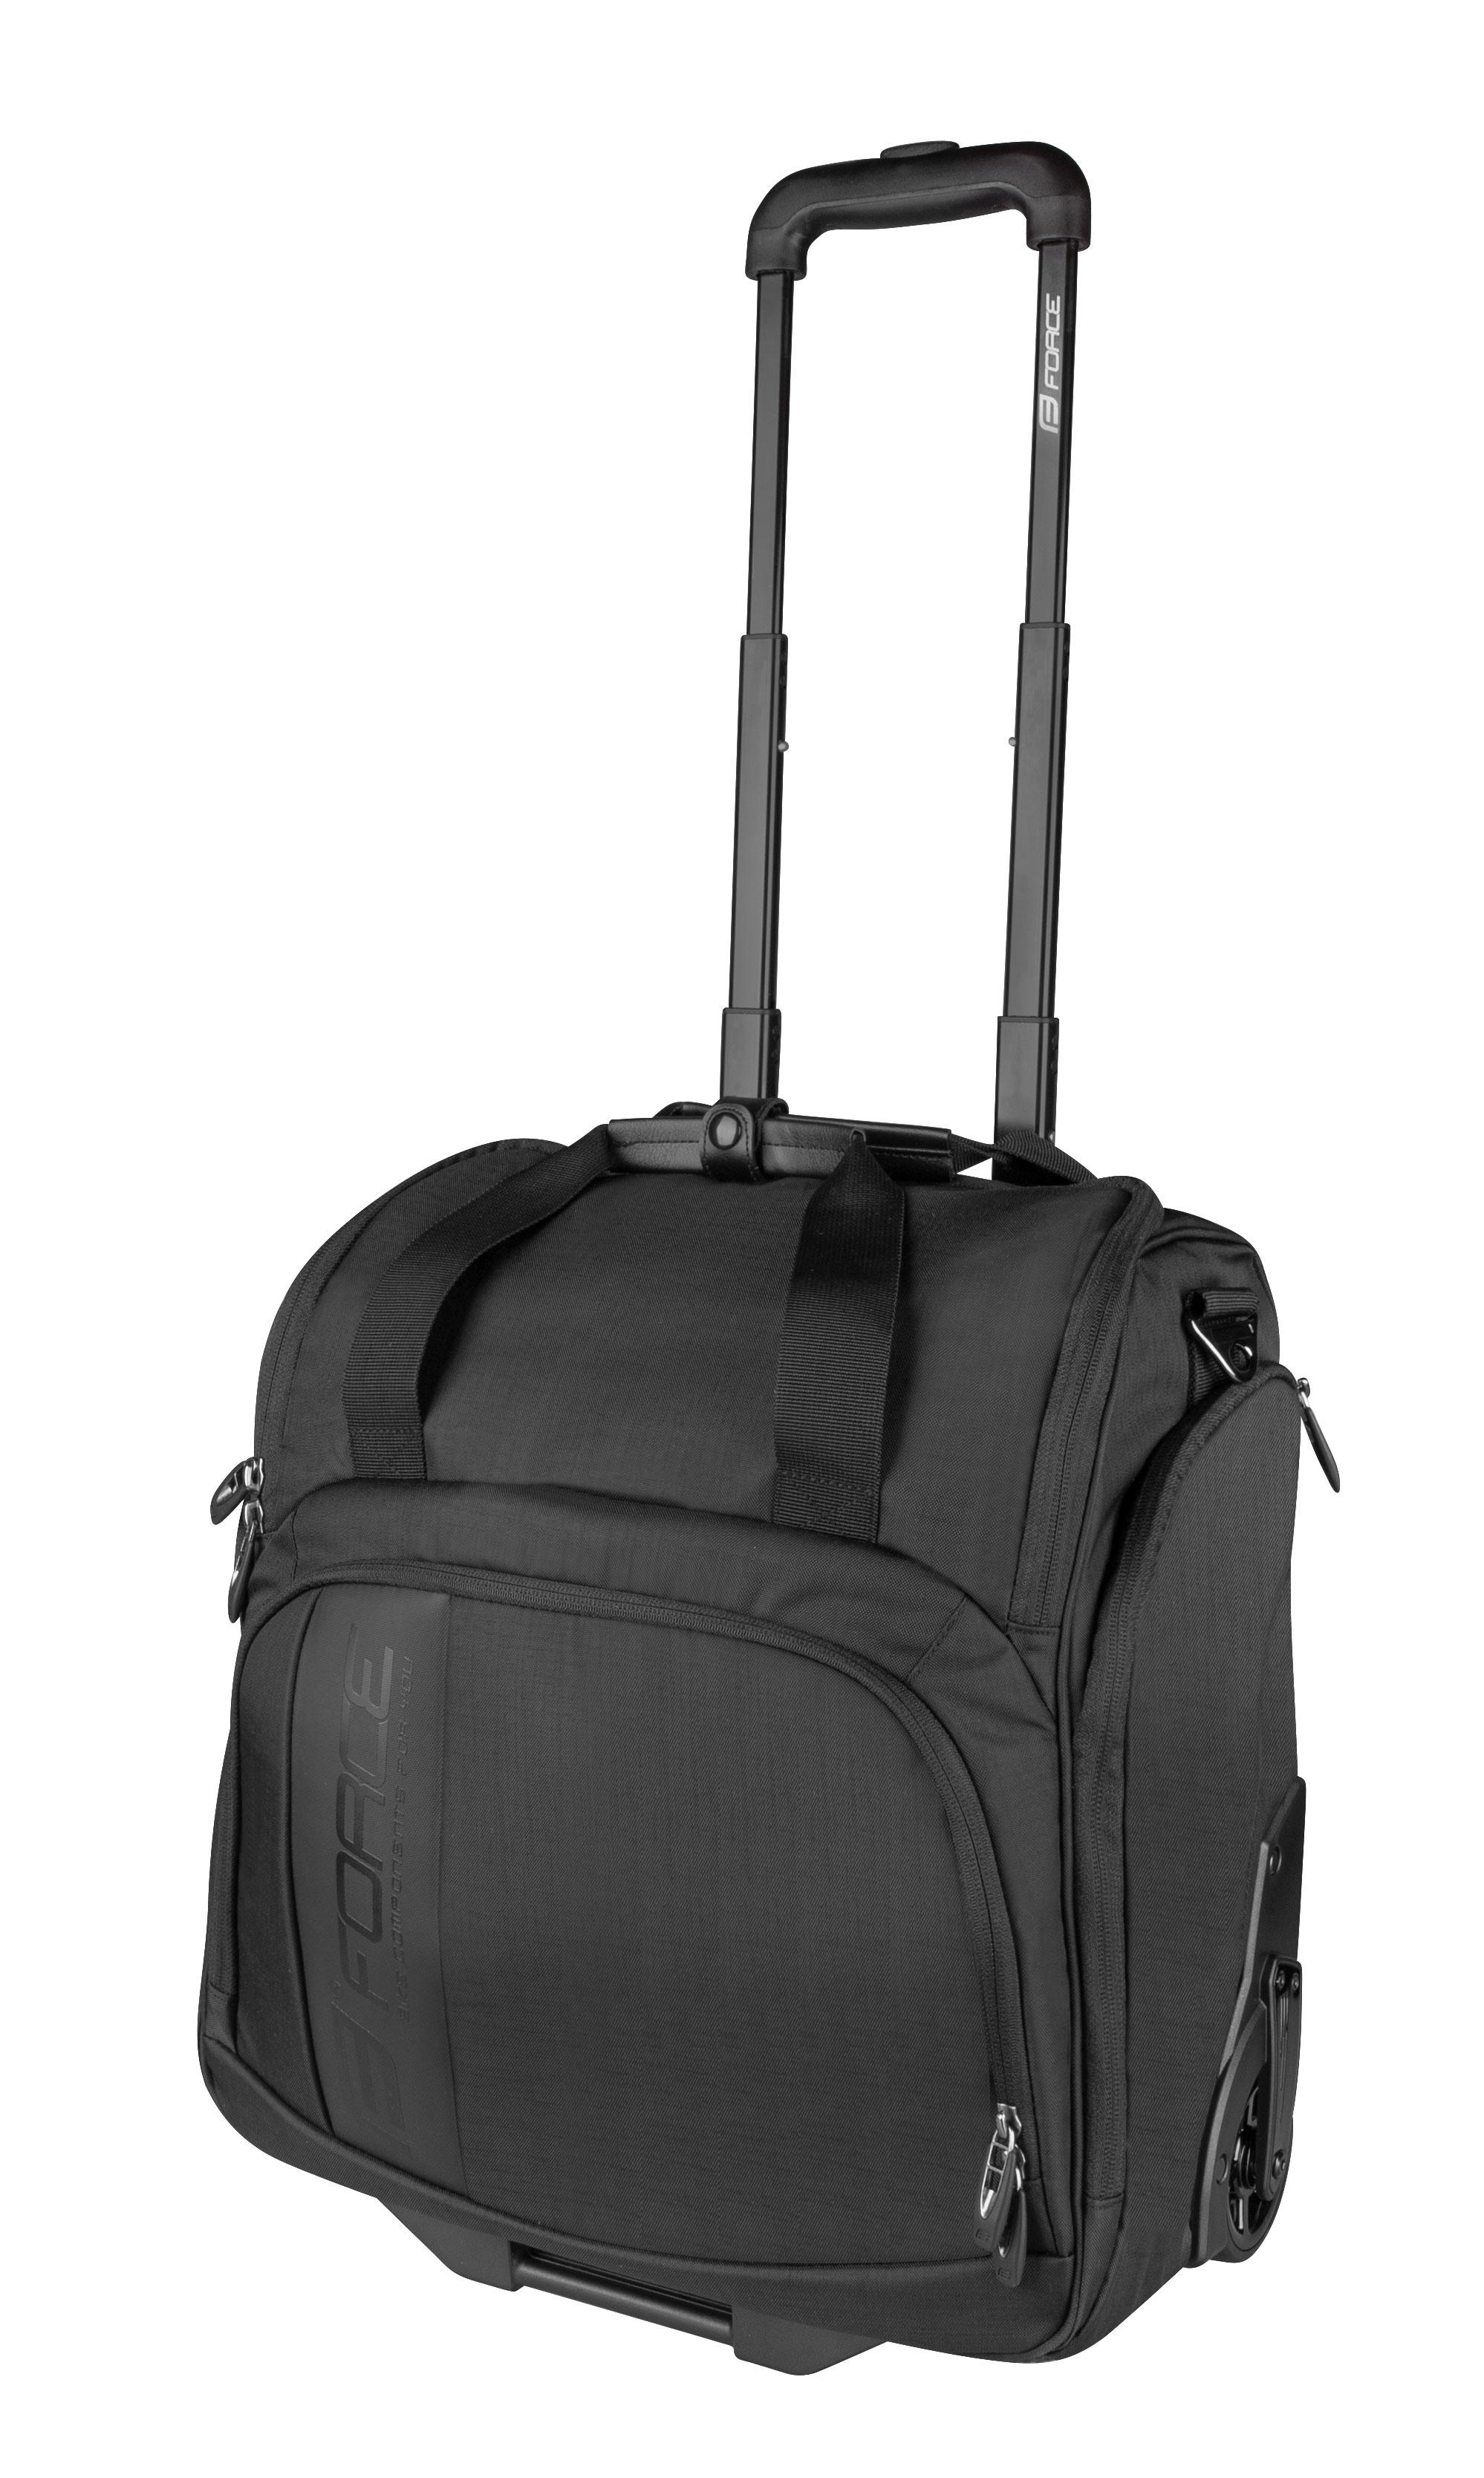 kufr cestovní FORCE EXPLORER, černý